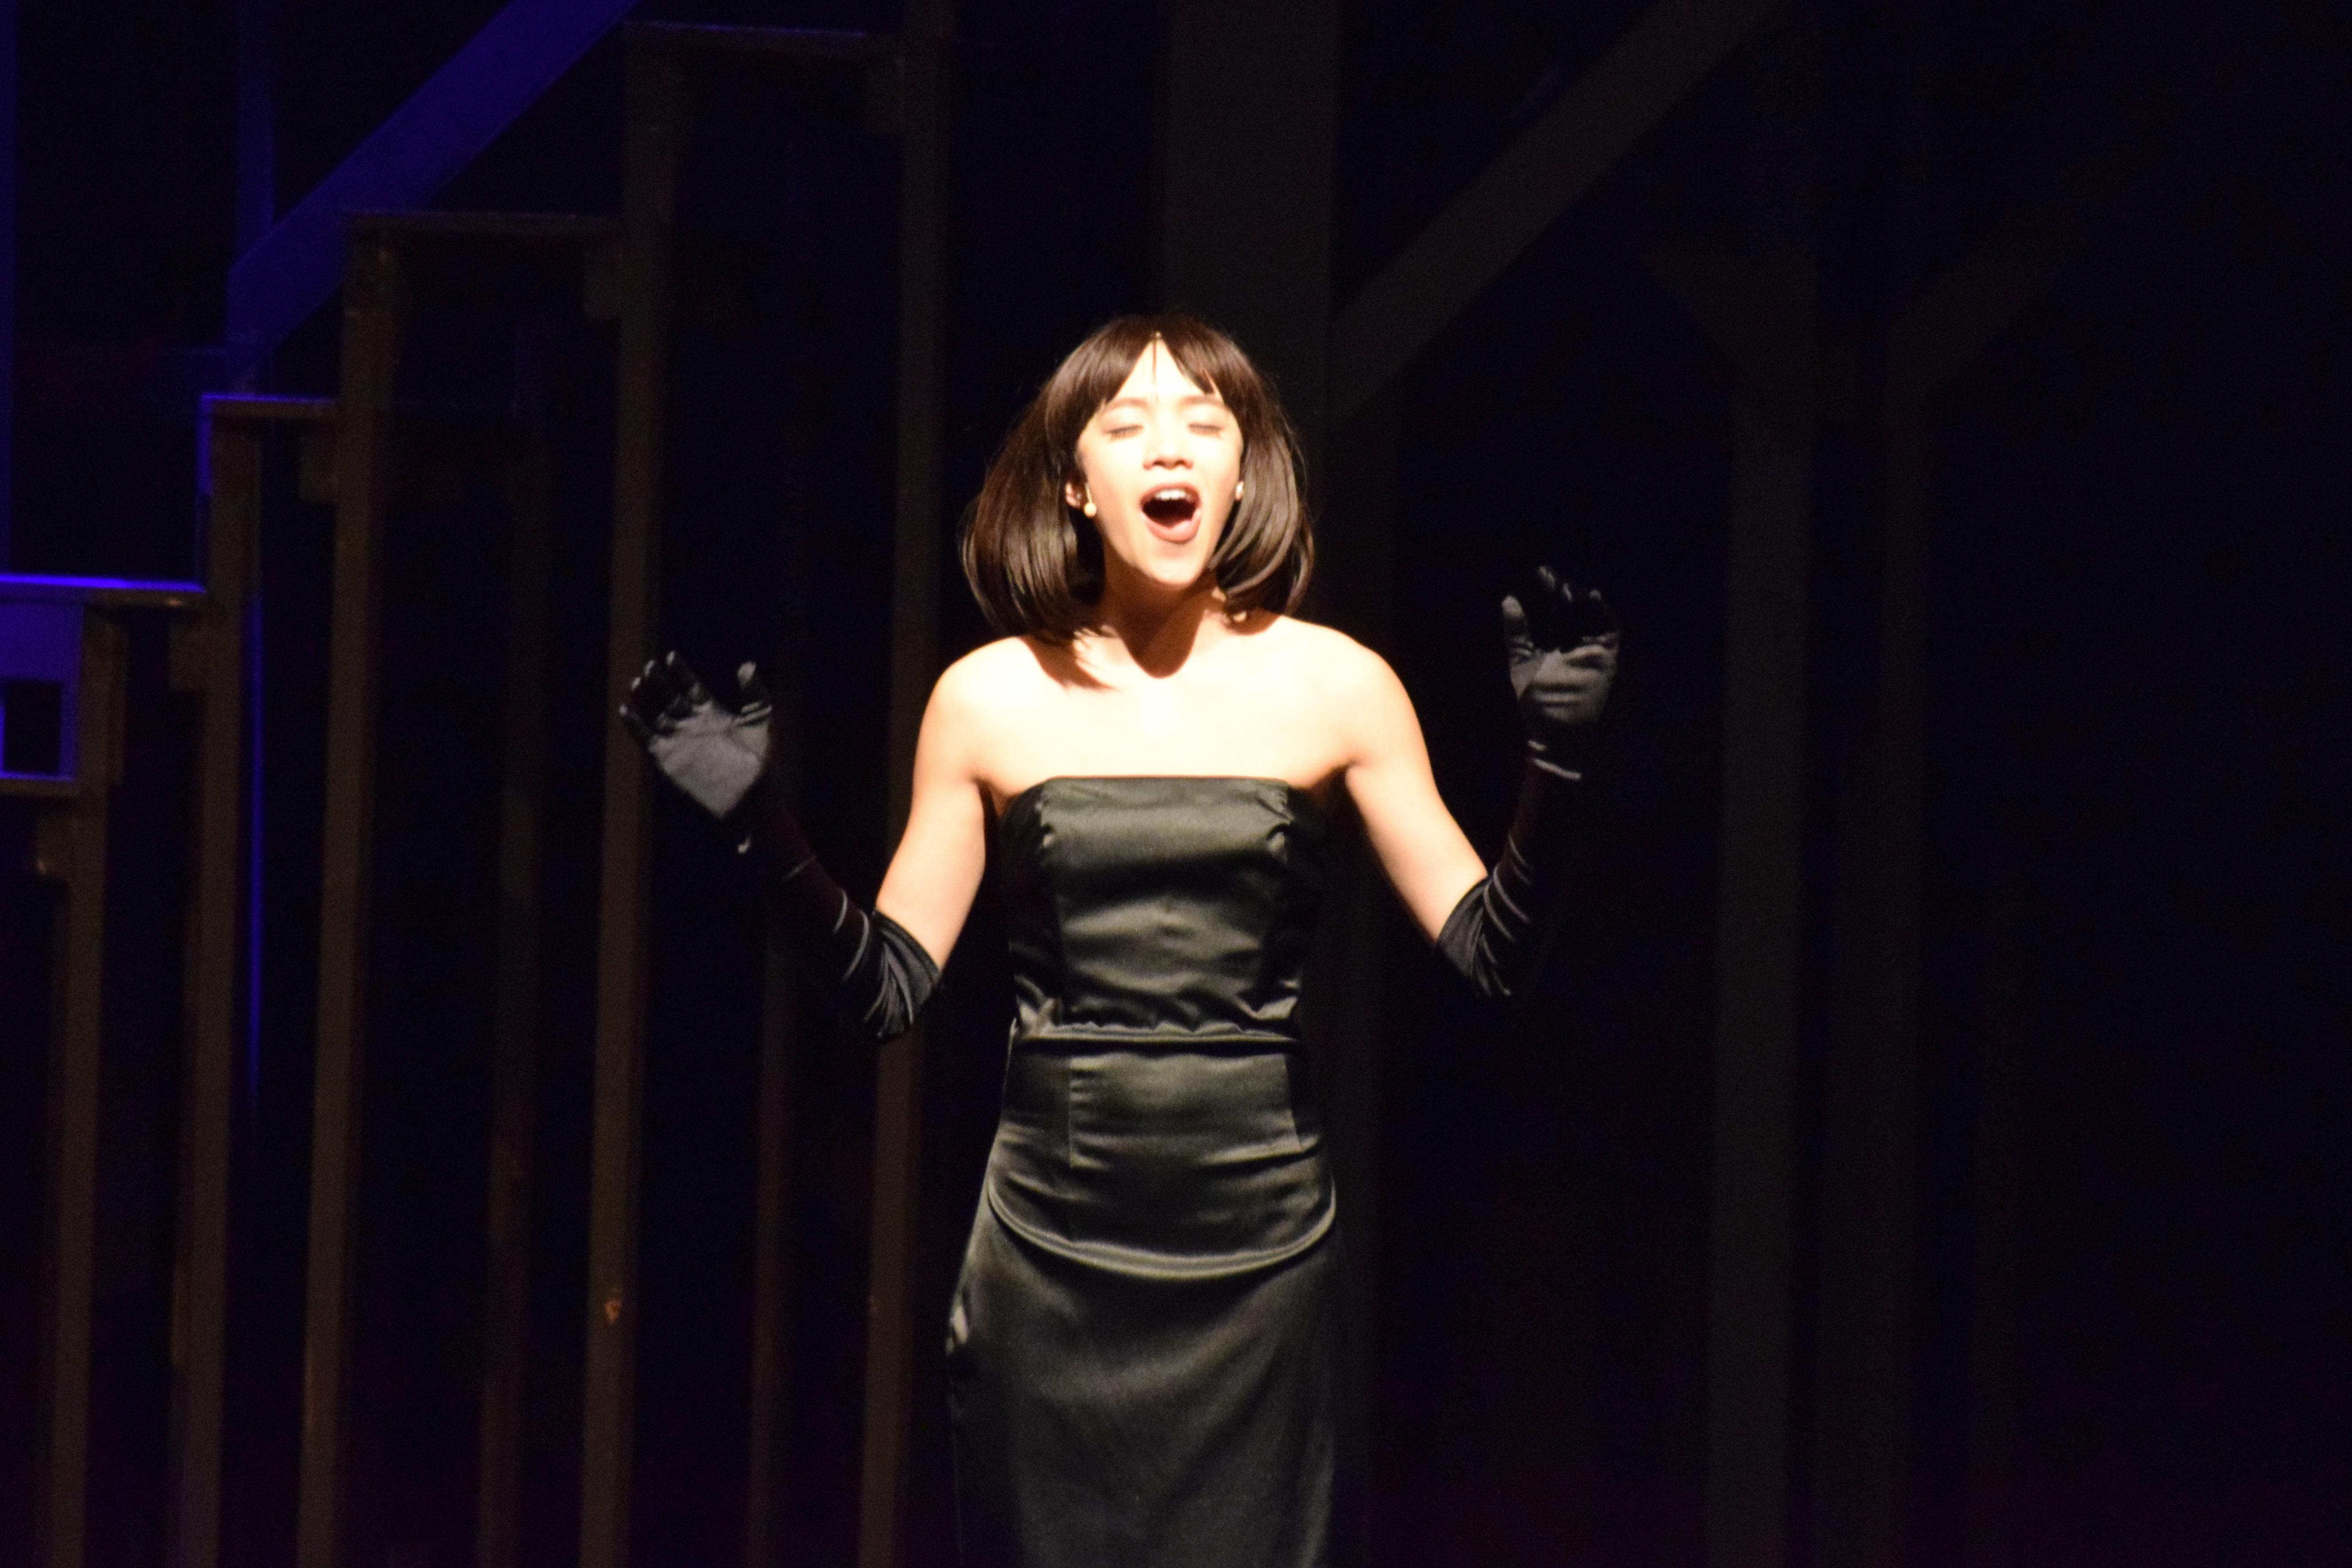 Millie sings